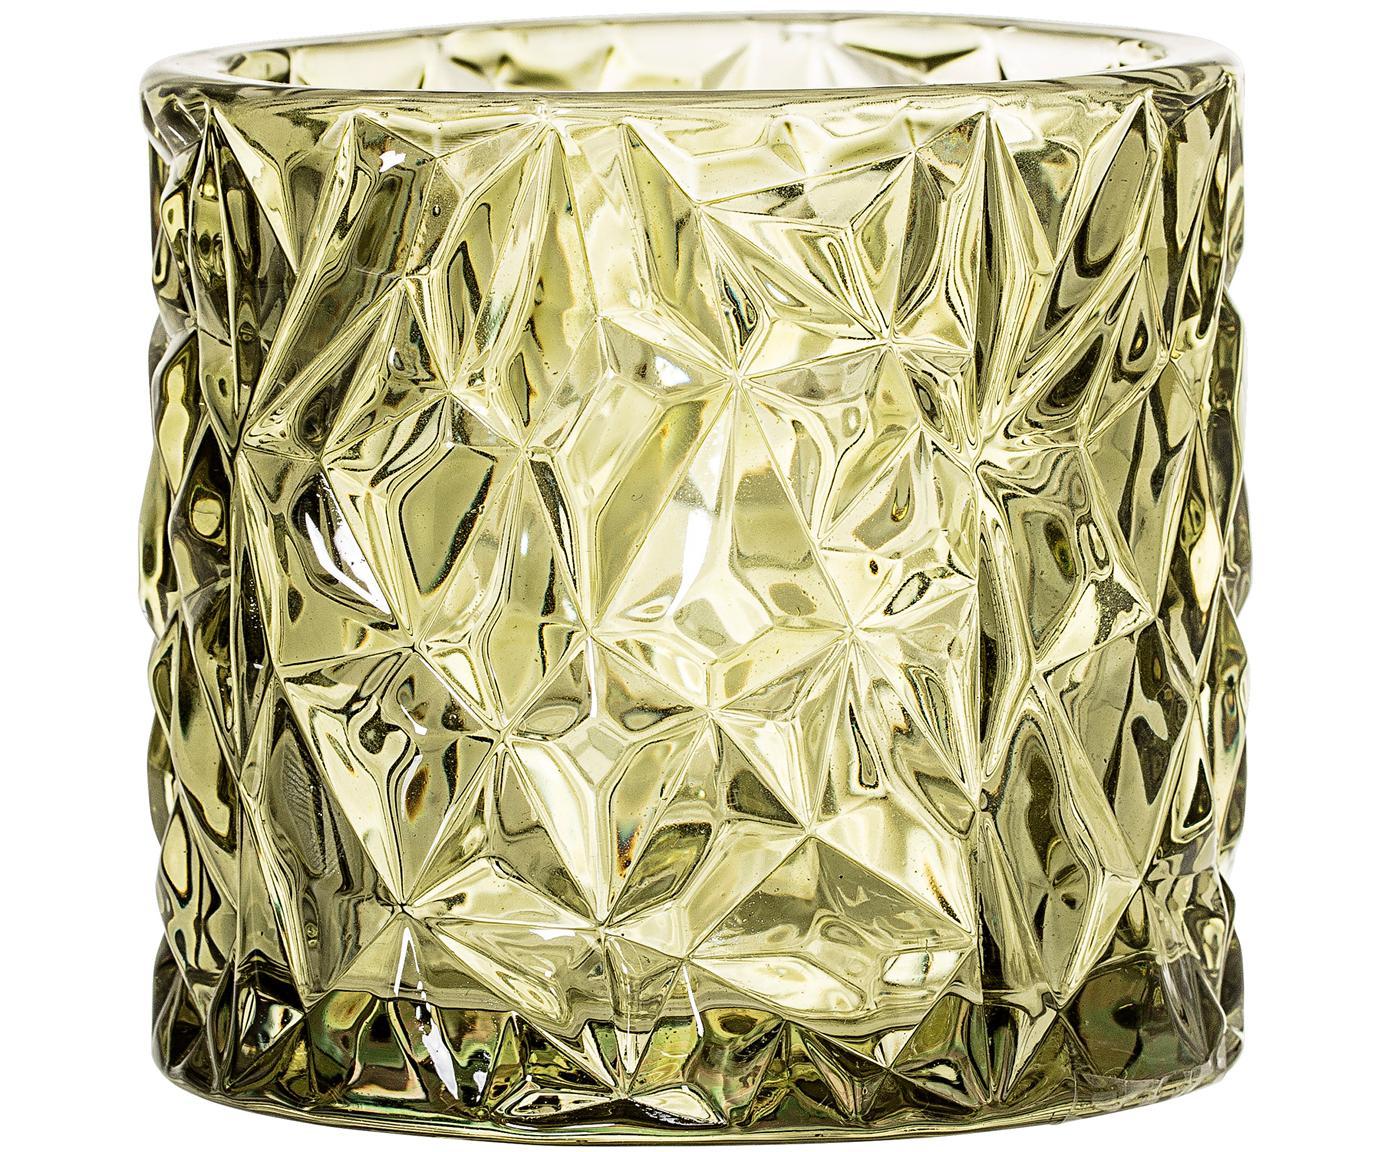 Waxinelichthouder Olivia, Glas, Groen, licht transparant, Ø 9 x H 8 cm